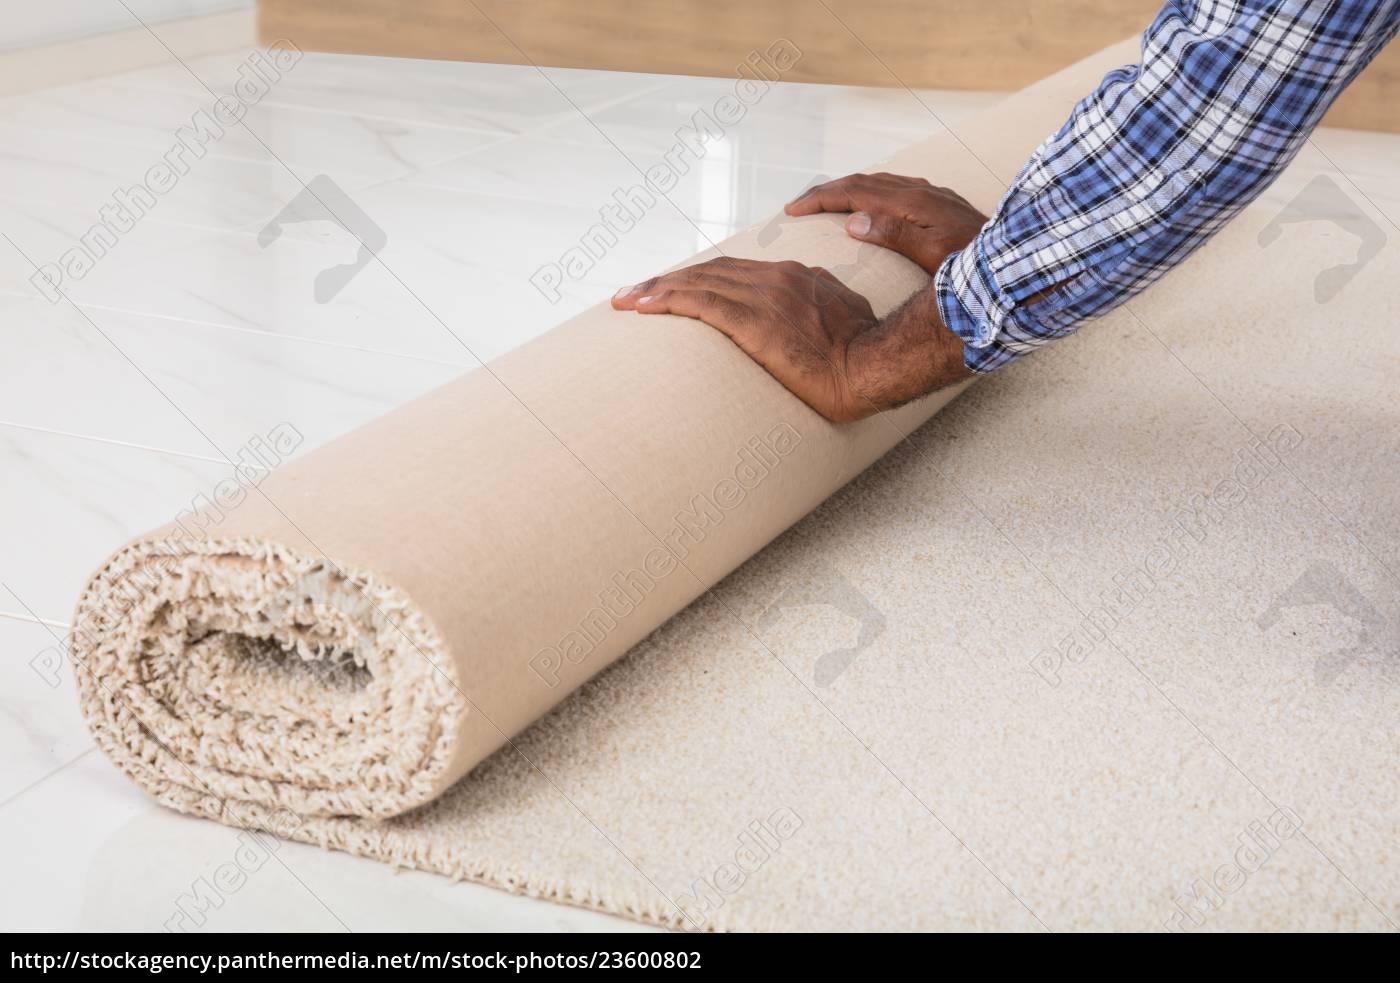 worker's, hands, rolling, carpet - 23600802